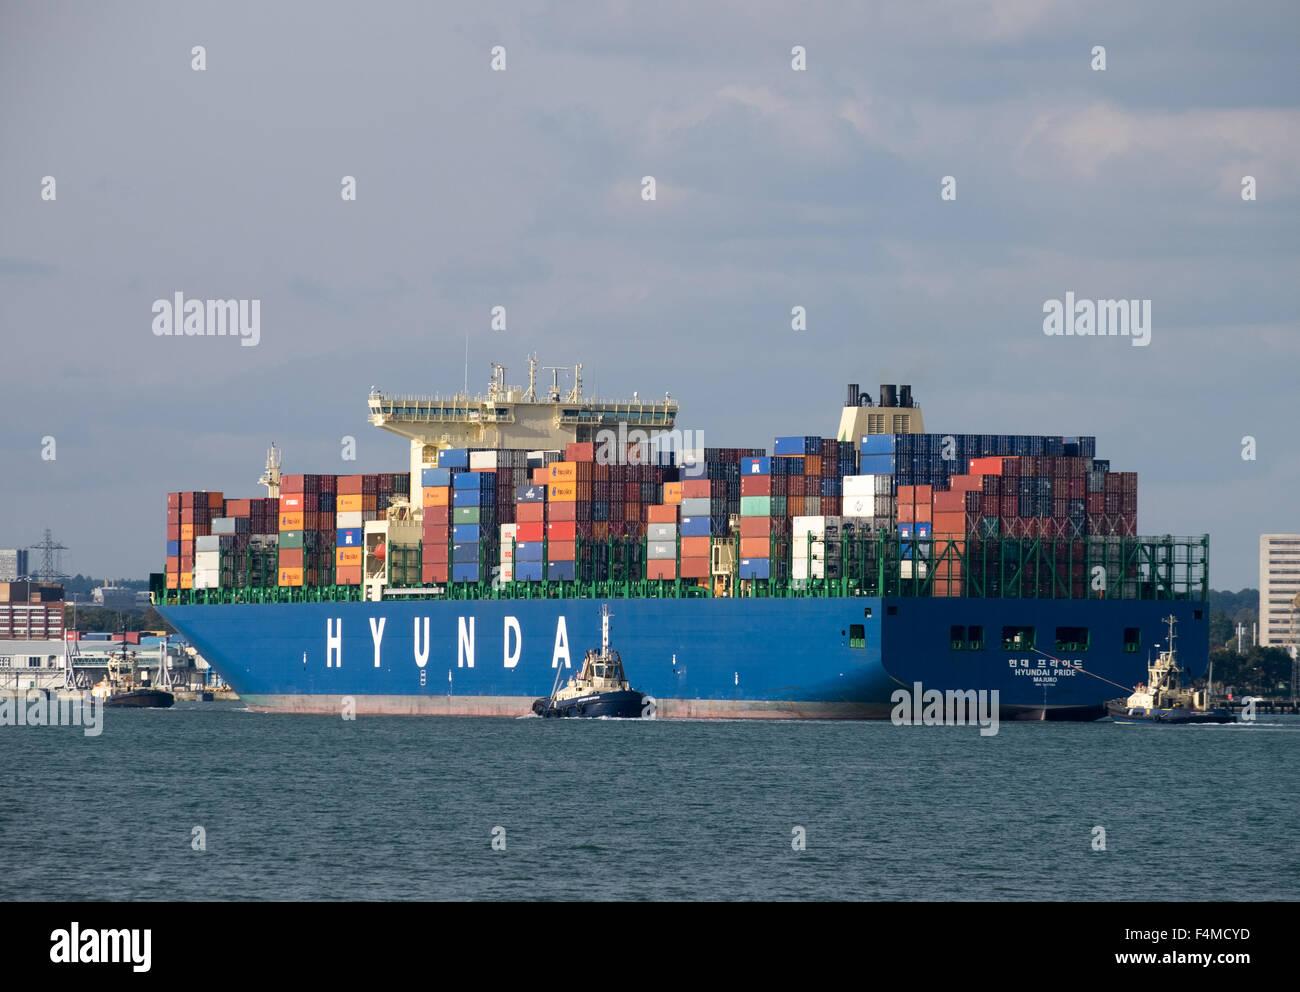 Hyundai orgullo barco de contenedores que llegan al puerto de contenedores muelles Southampton Imagen De Stock